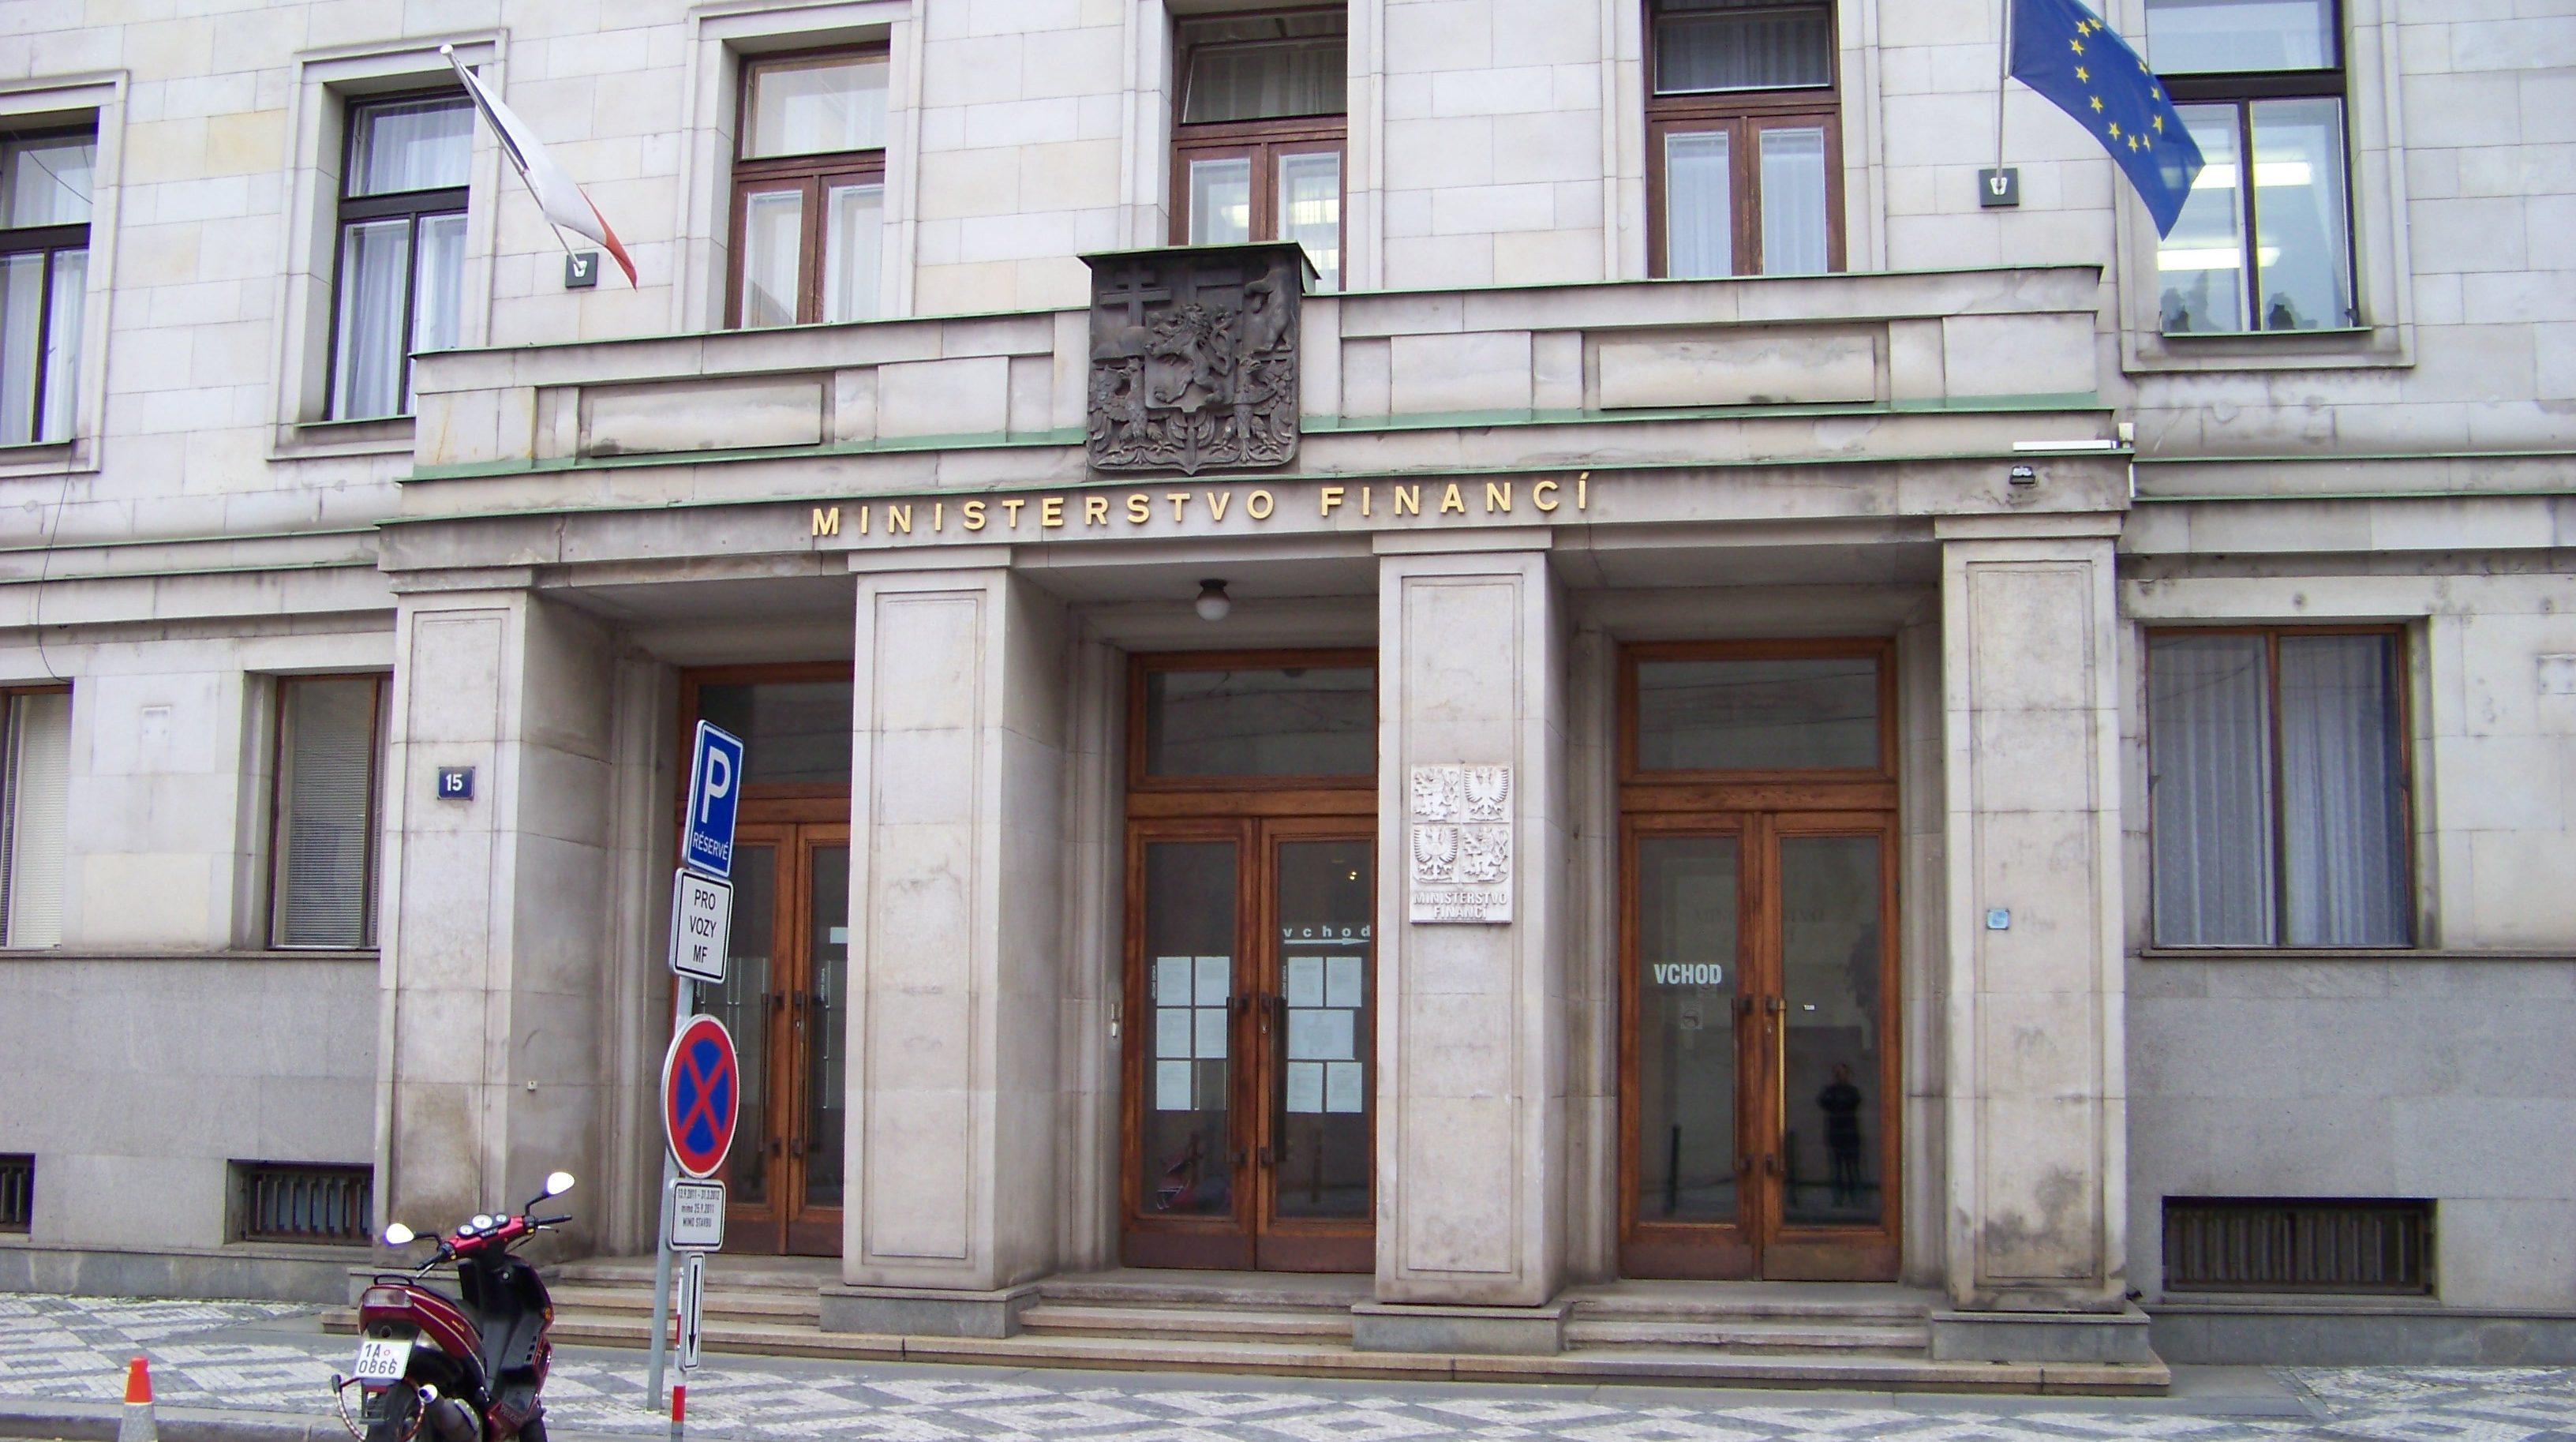 Tschechisches Finanzministerium in Prag